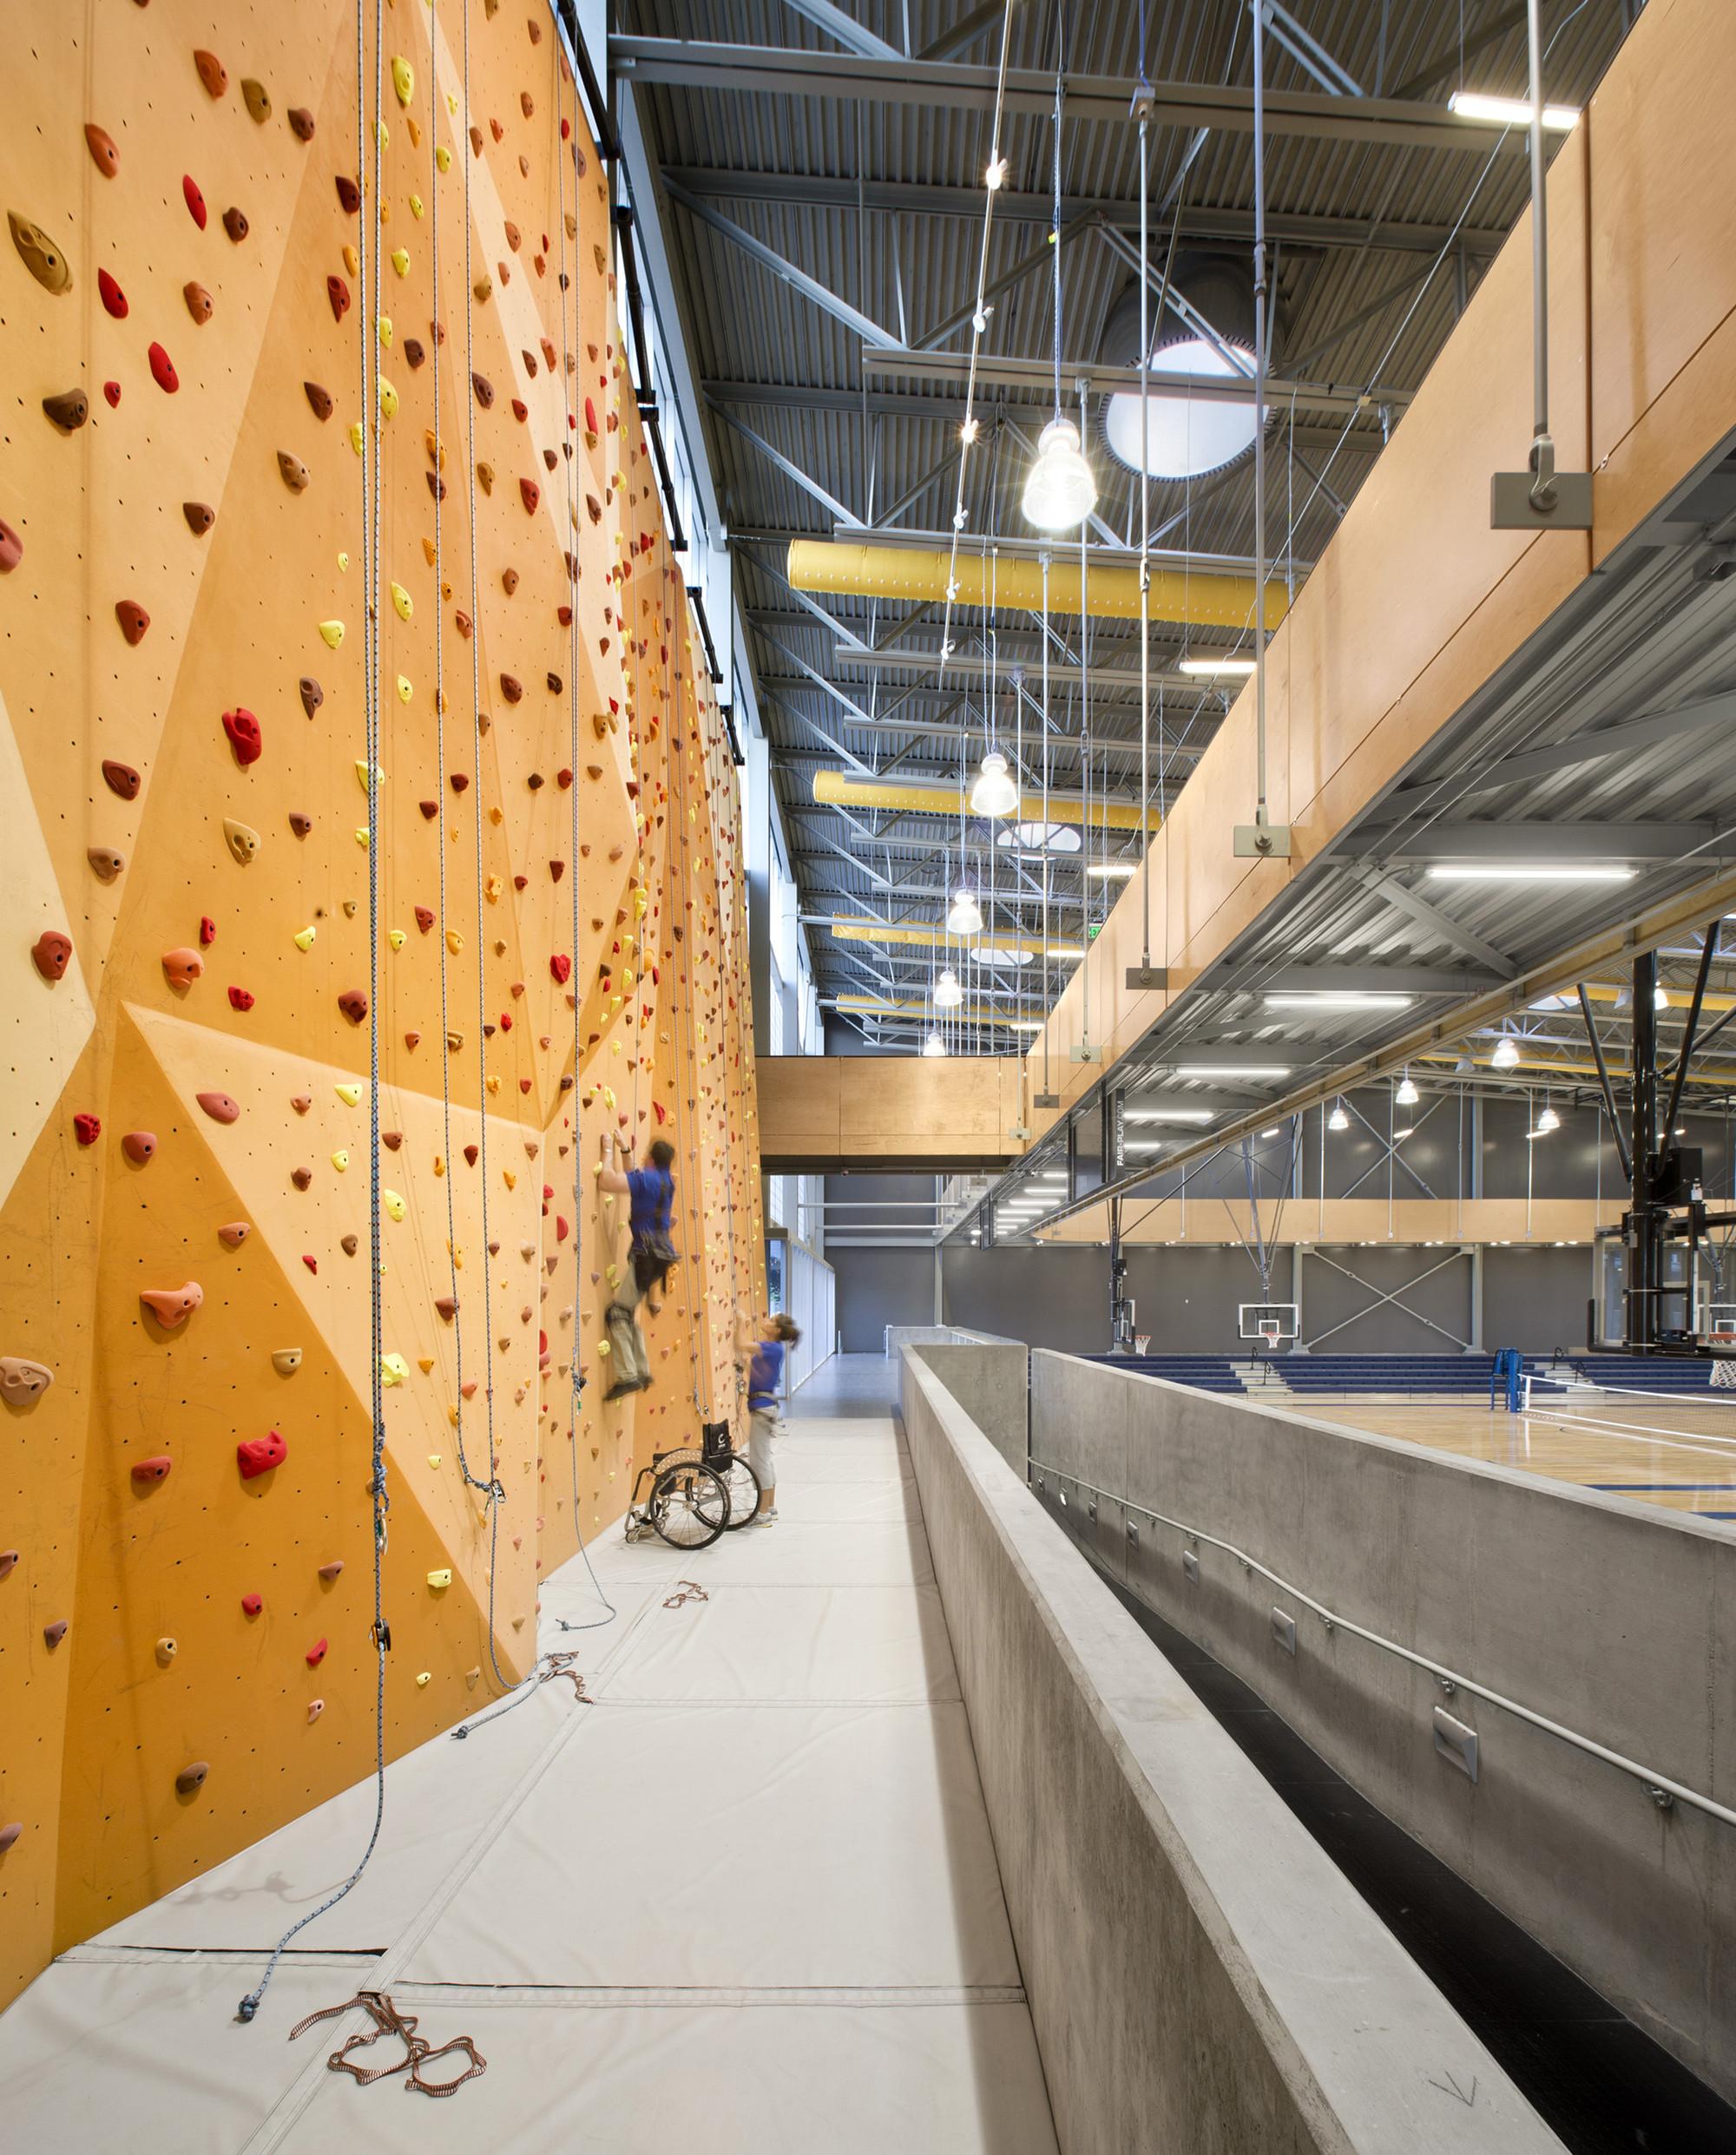 Дизайн спортивного комплекса: оранжевая стенка для скалолазания